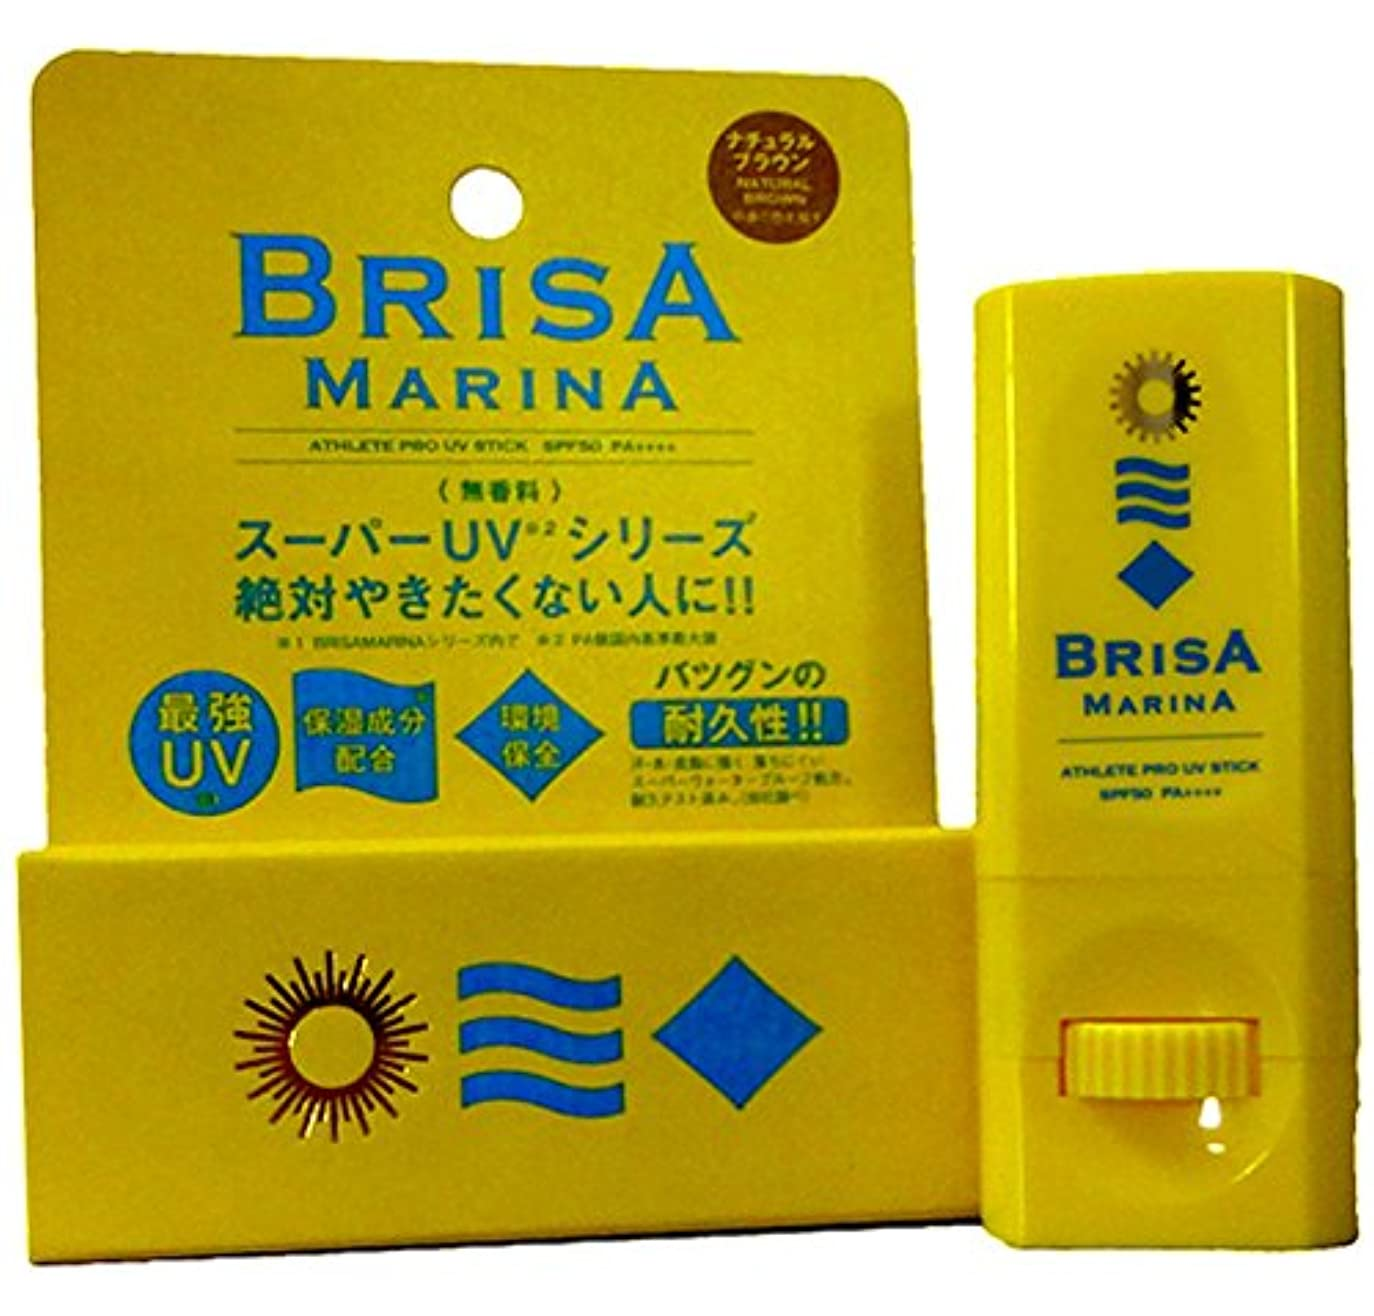 クローゼットスクラブ発火するBRISA MARINA(ブリサマリーナ) ATHLETE PRO UV STICK 10g 日焼け止め スティック (01-WHITE)